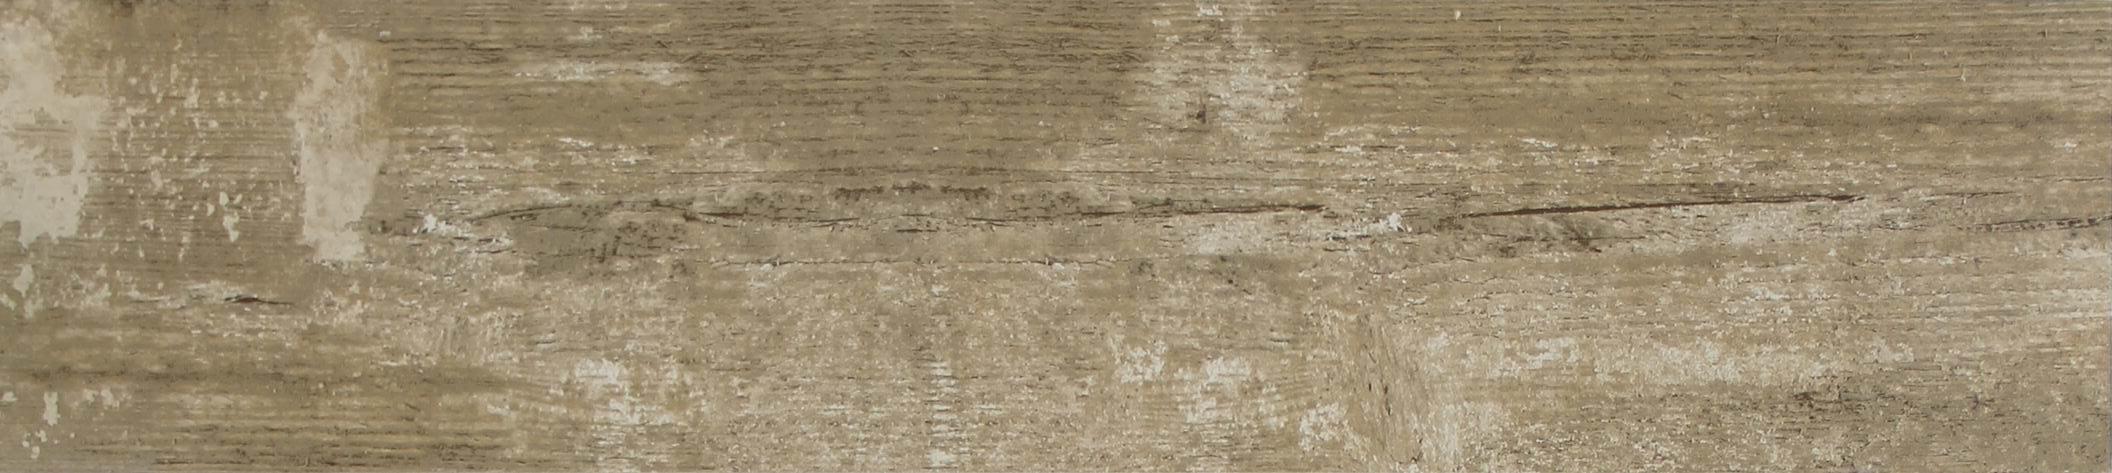 Allia Ancient Wood Grey